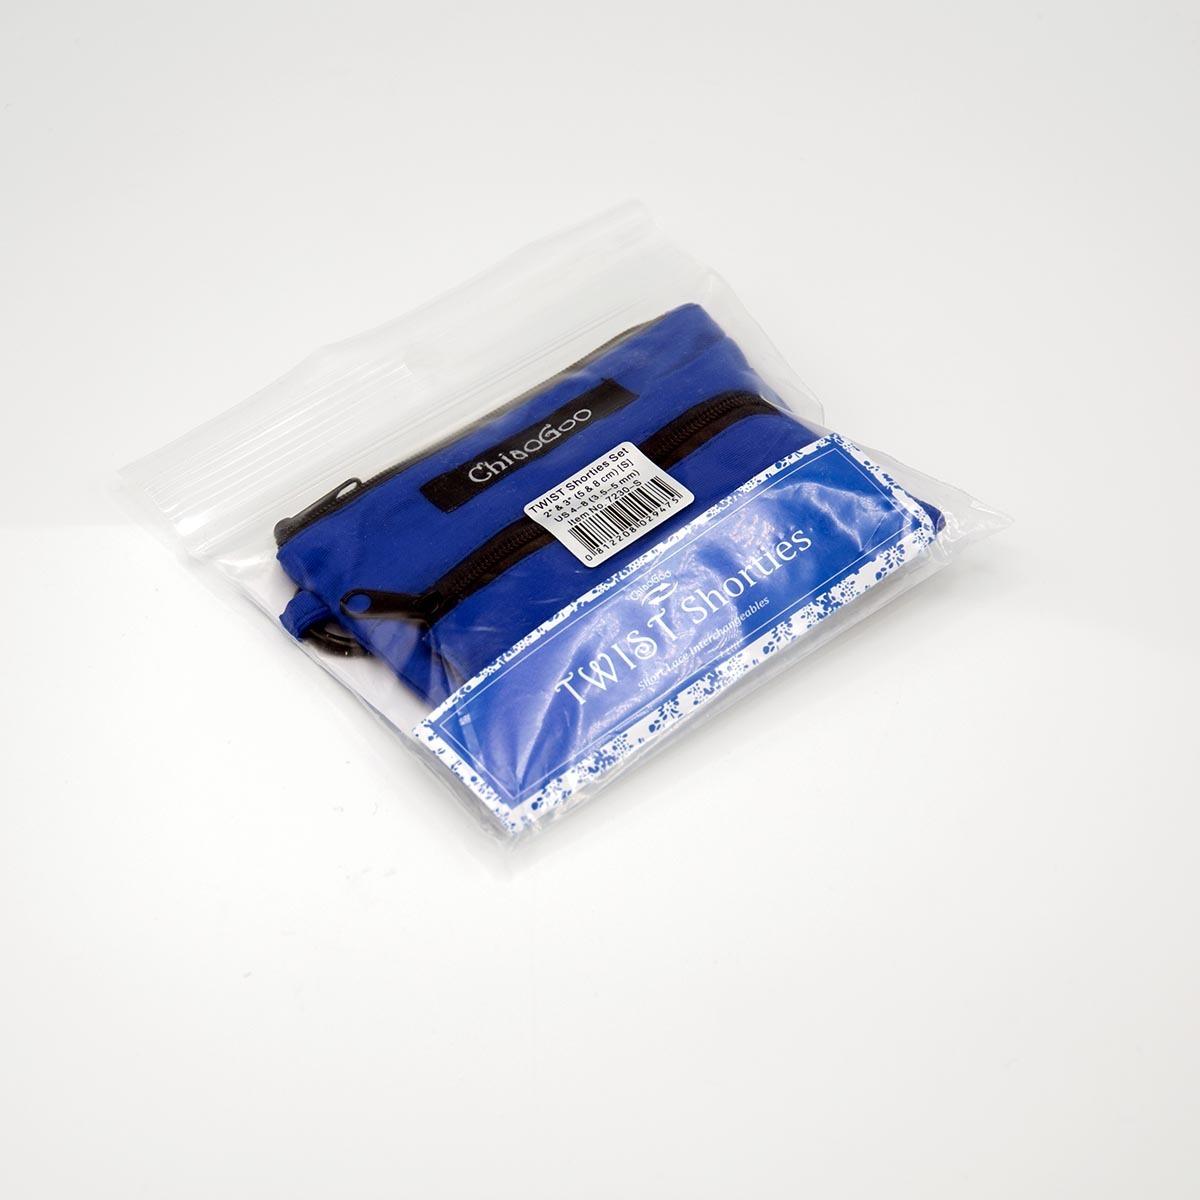 Набор укороченных металлических спиц 5 и 8 см, Twist Shorties Small, ChiaoGoo